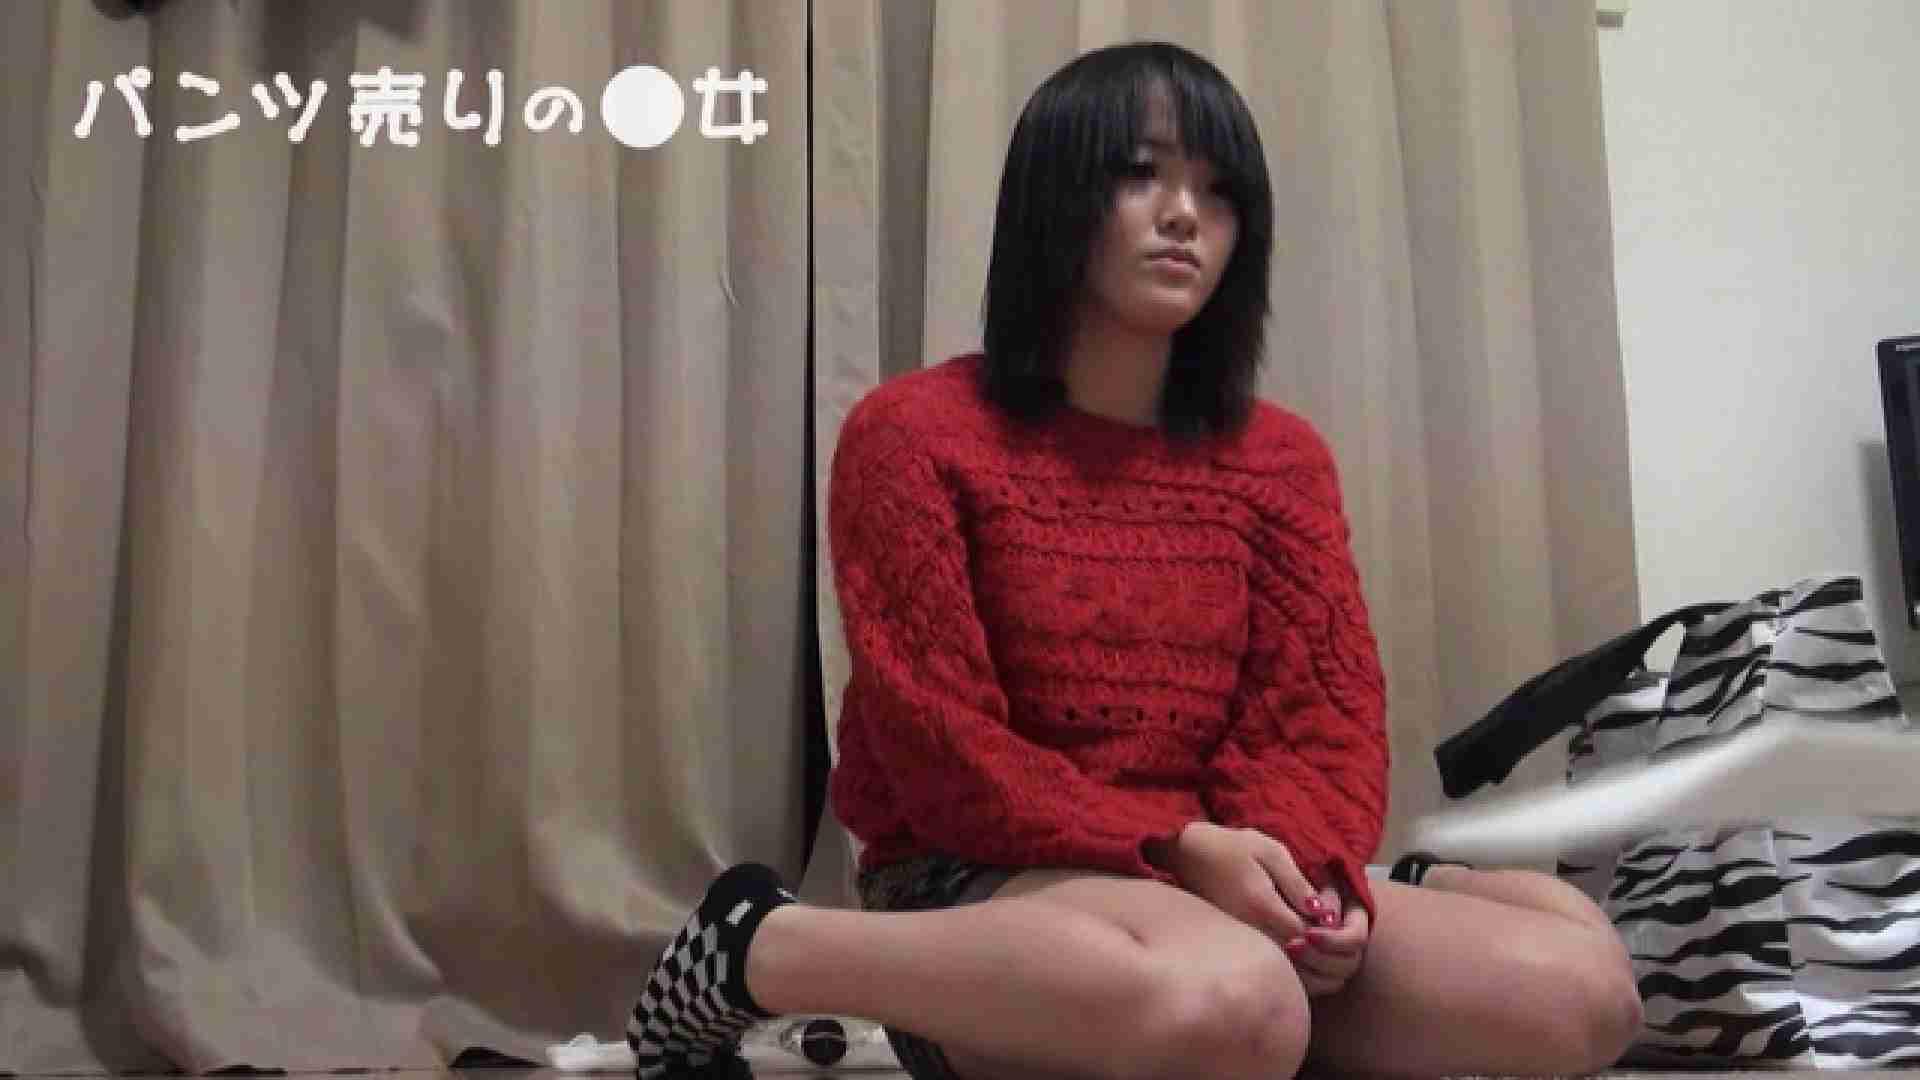 新説 パンツ売りの女の子mizuki 一般投稿  109枚 16